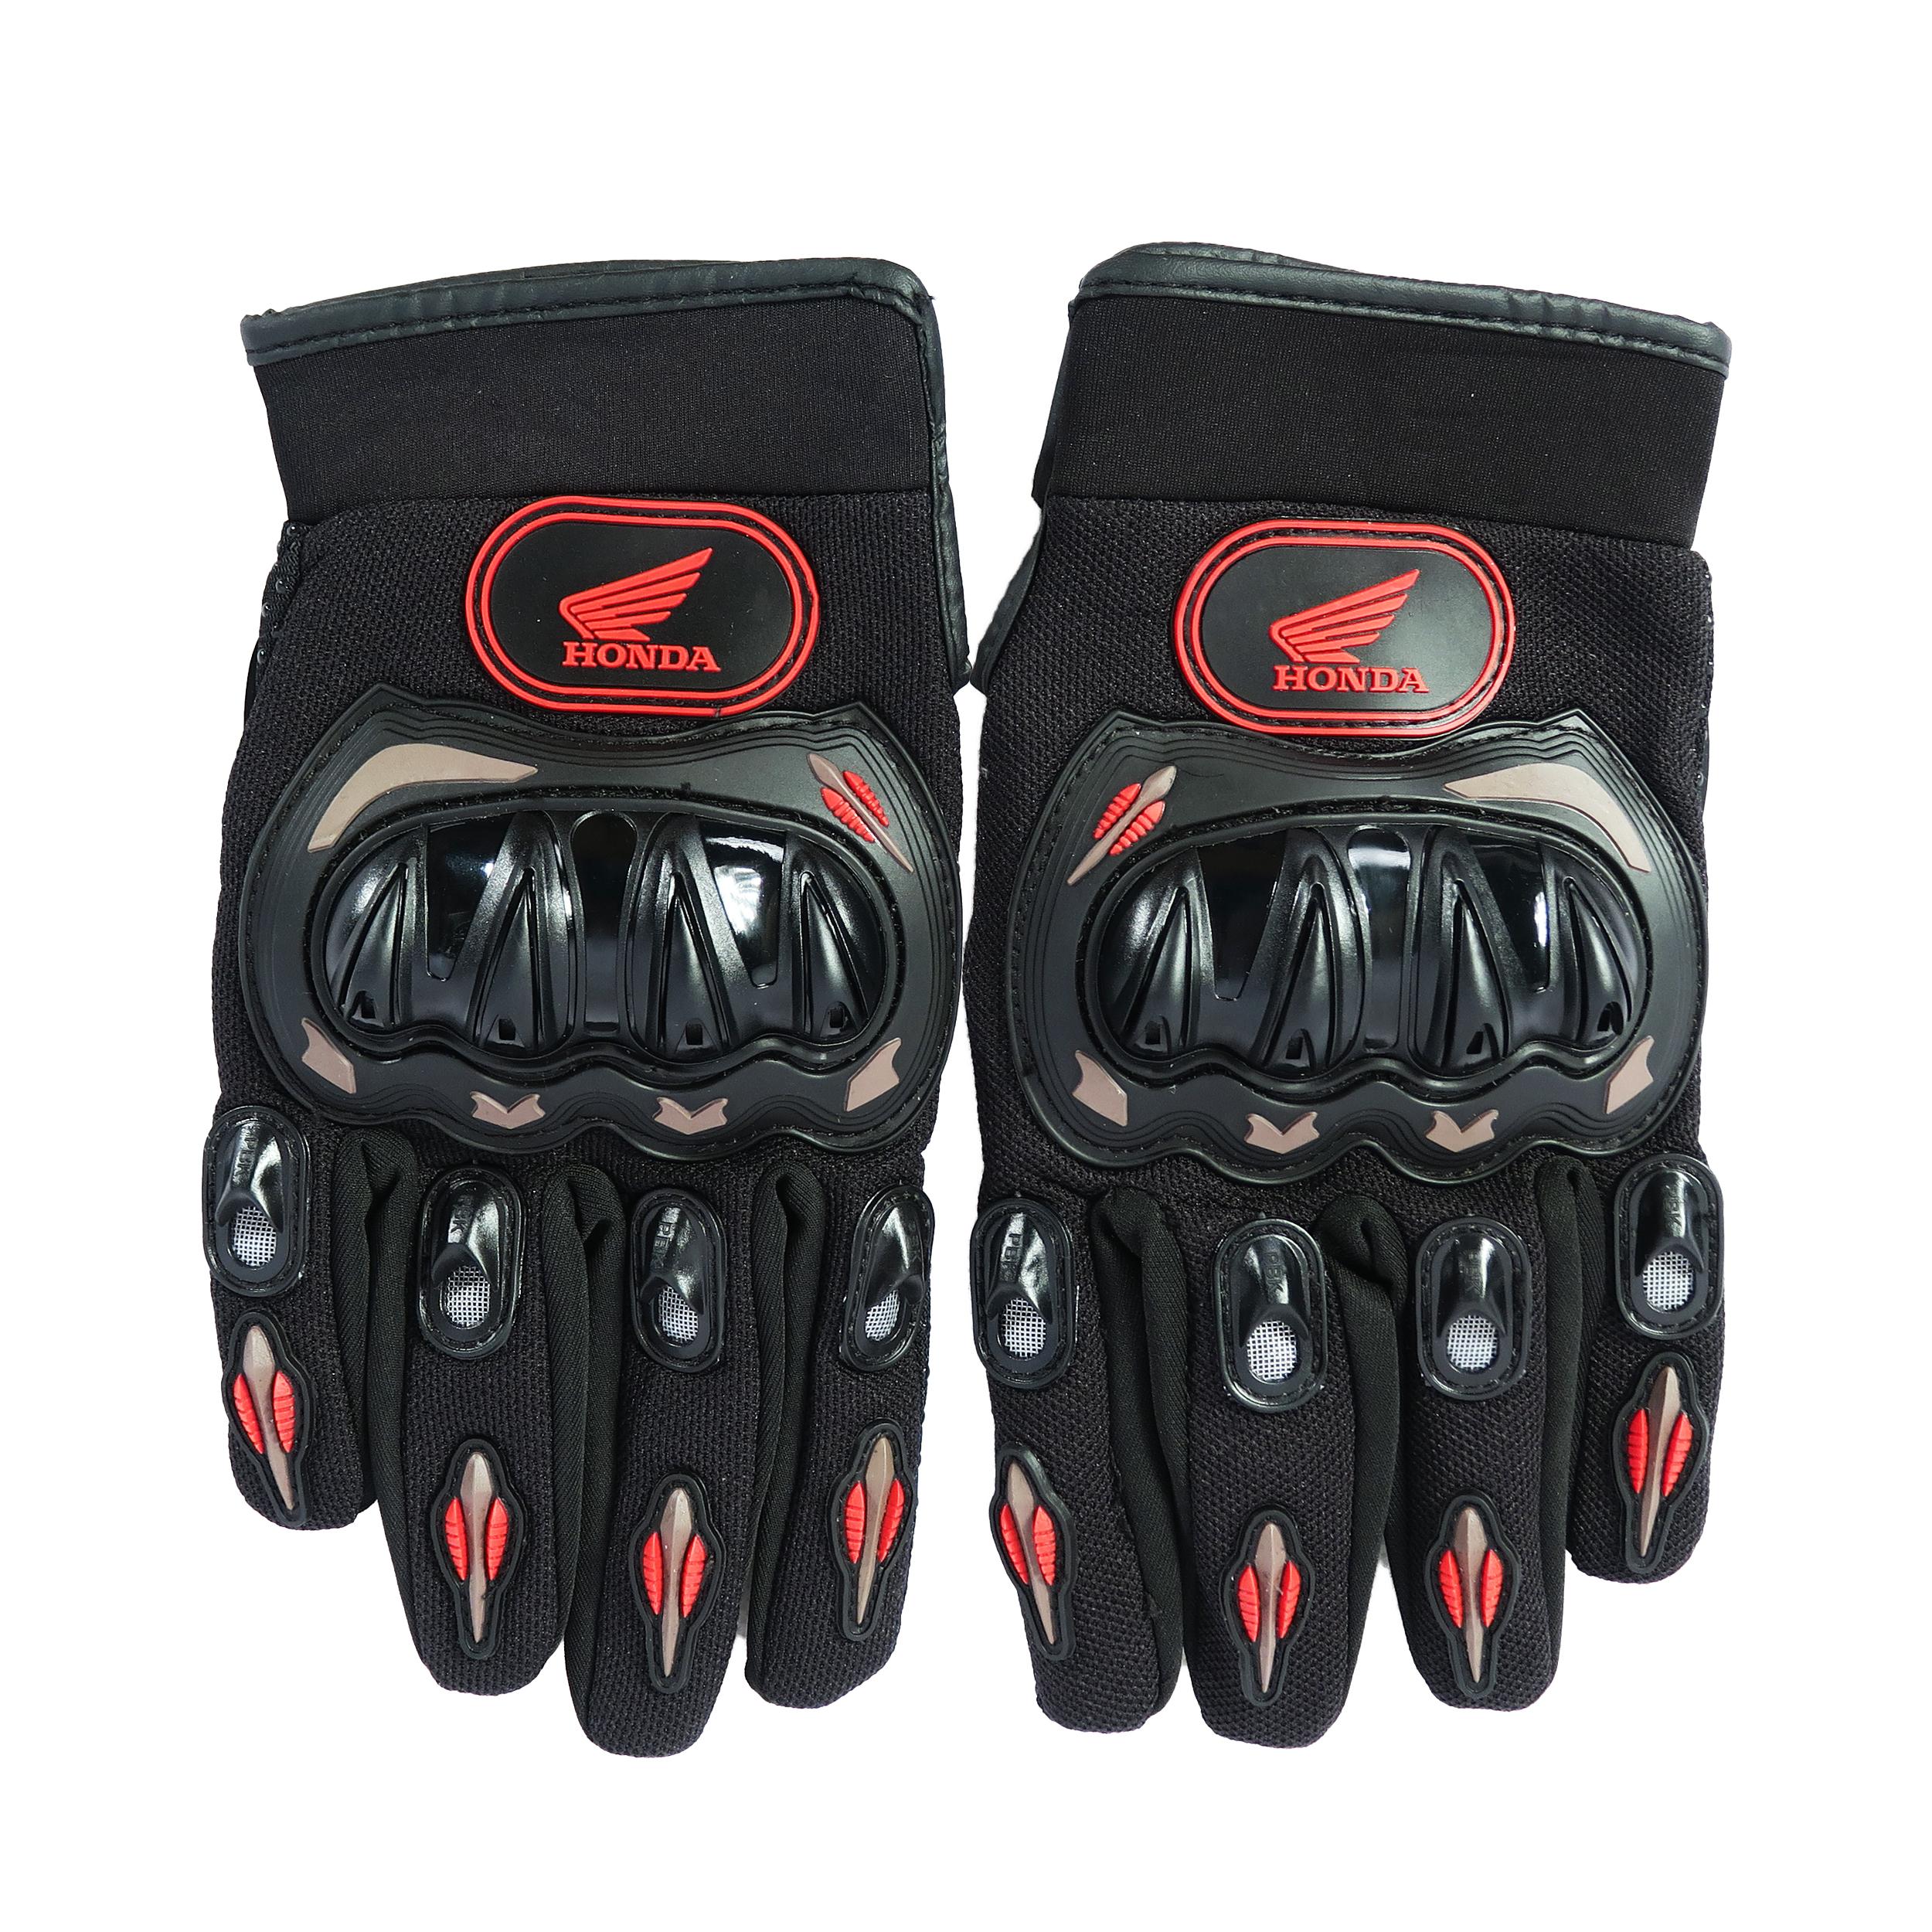 دستکش موتورسواری هوندا مدل 007